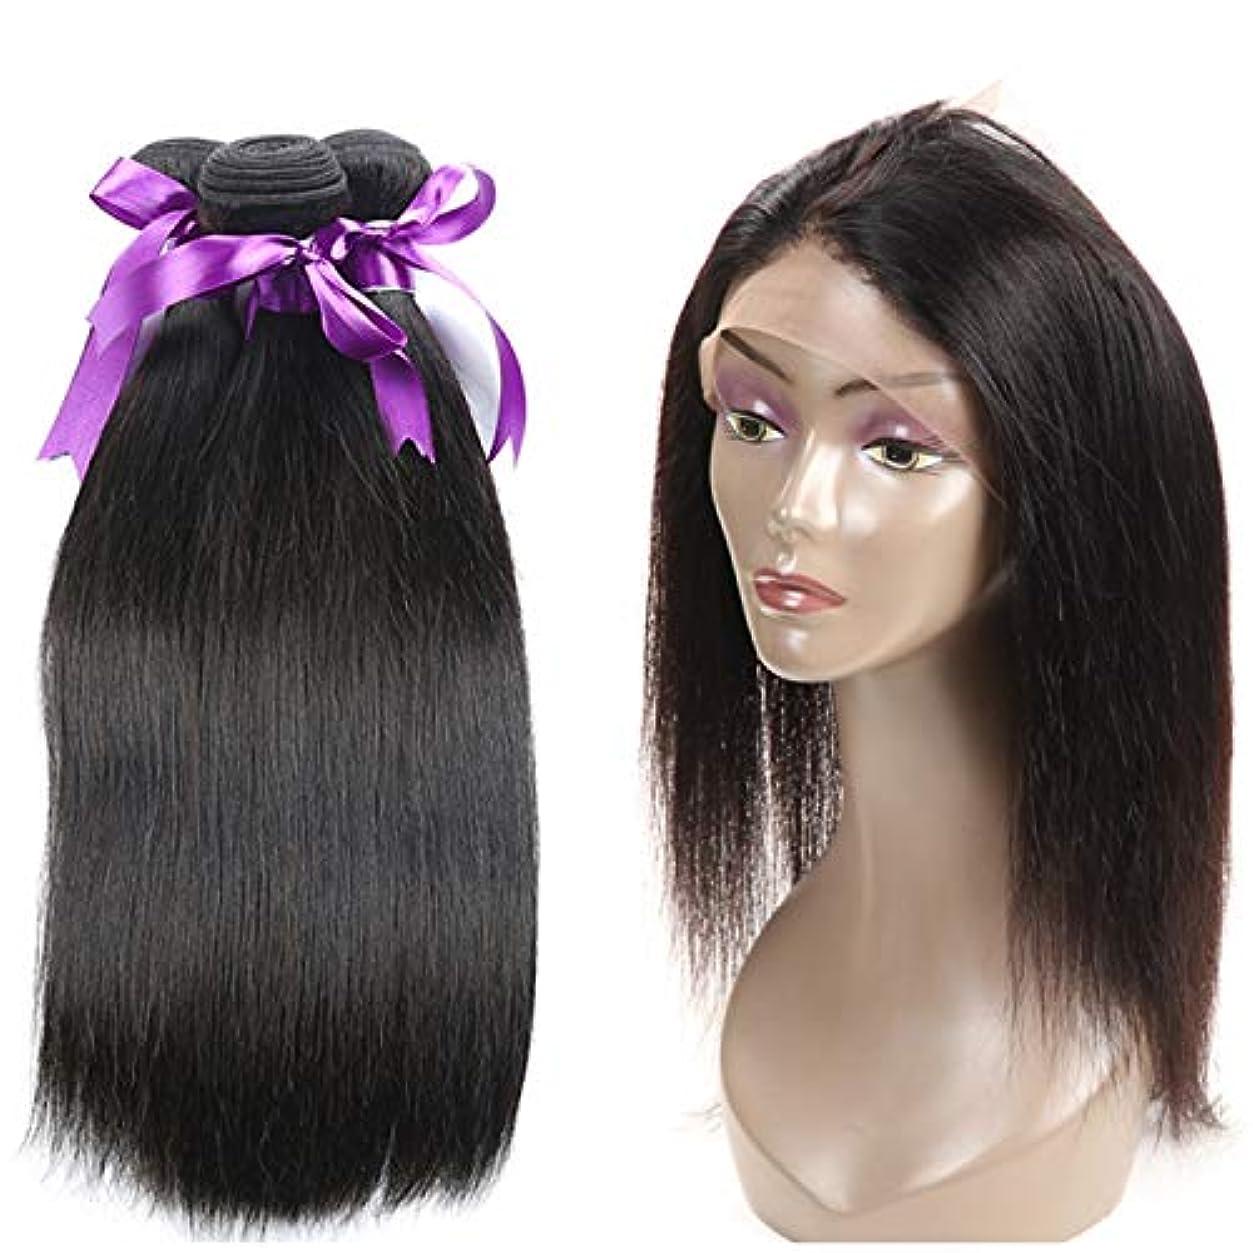 生息地シールド未知のブラジルストレートヘア360レース前頭葉付き非レミー人間の髪の毛3バンドル360前頭人間の髪の毛のかつら (Length : 22 22 22 Closure20)